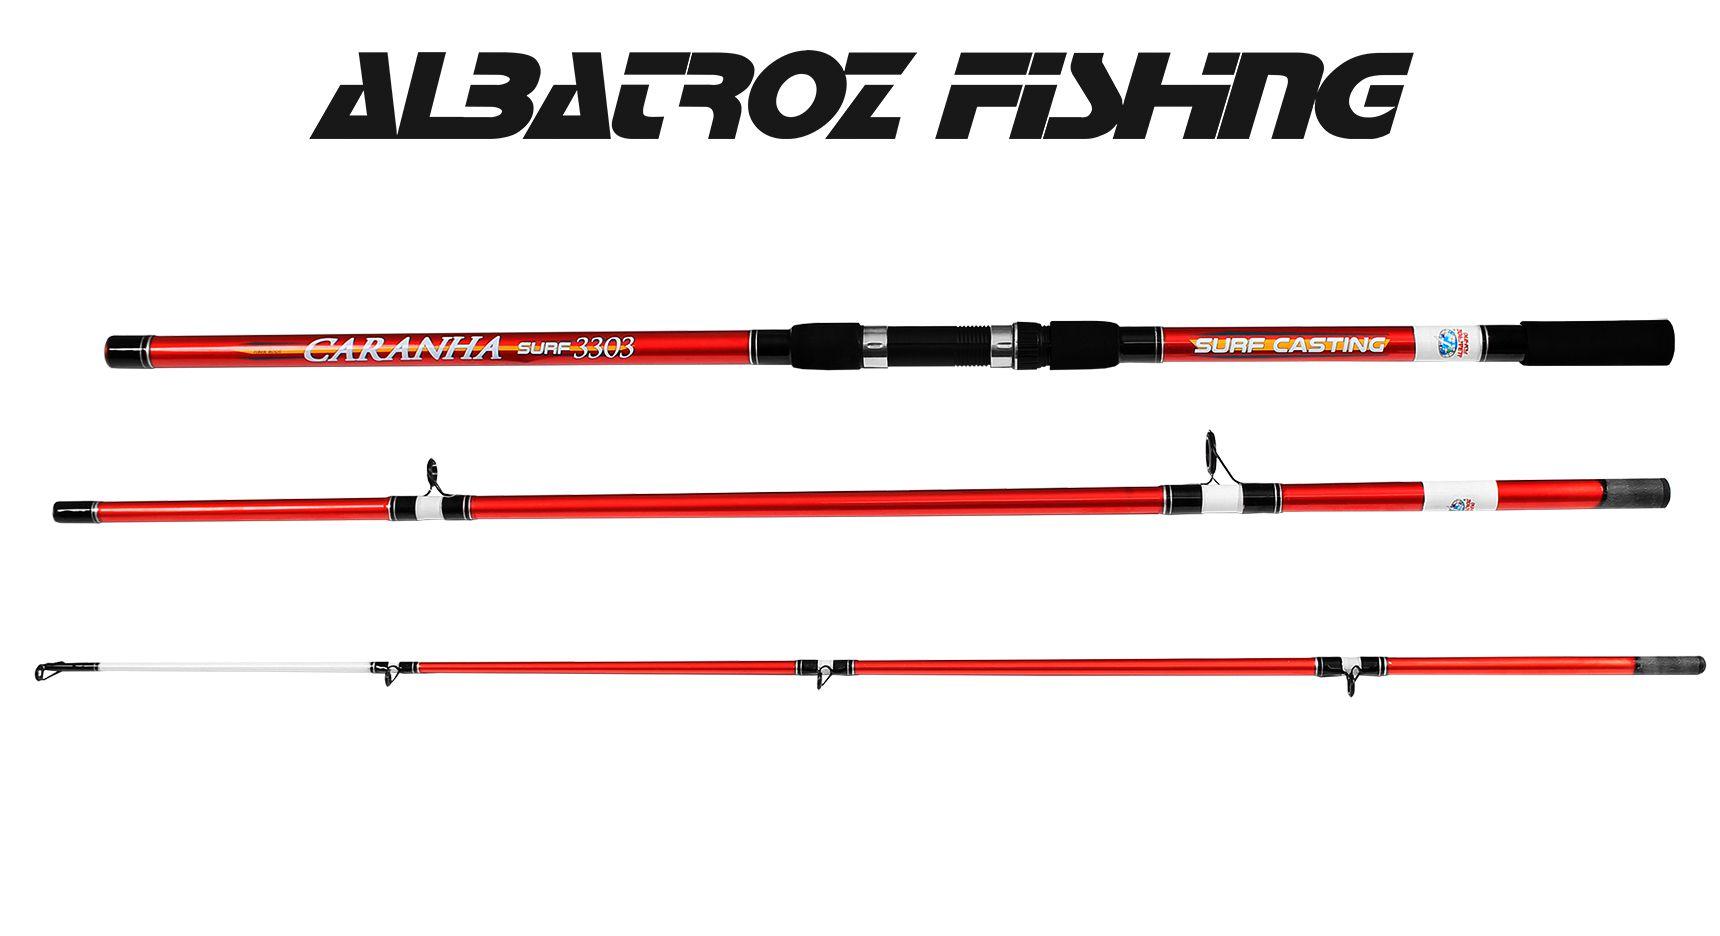 Vara Para Molinete Albatroz Fishing Caranha Surf 4203 (4,20m) 40-60Lbs - 3 Partes  - Life Pesca - Sua loja de Pesca, Camping e Lazer